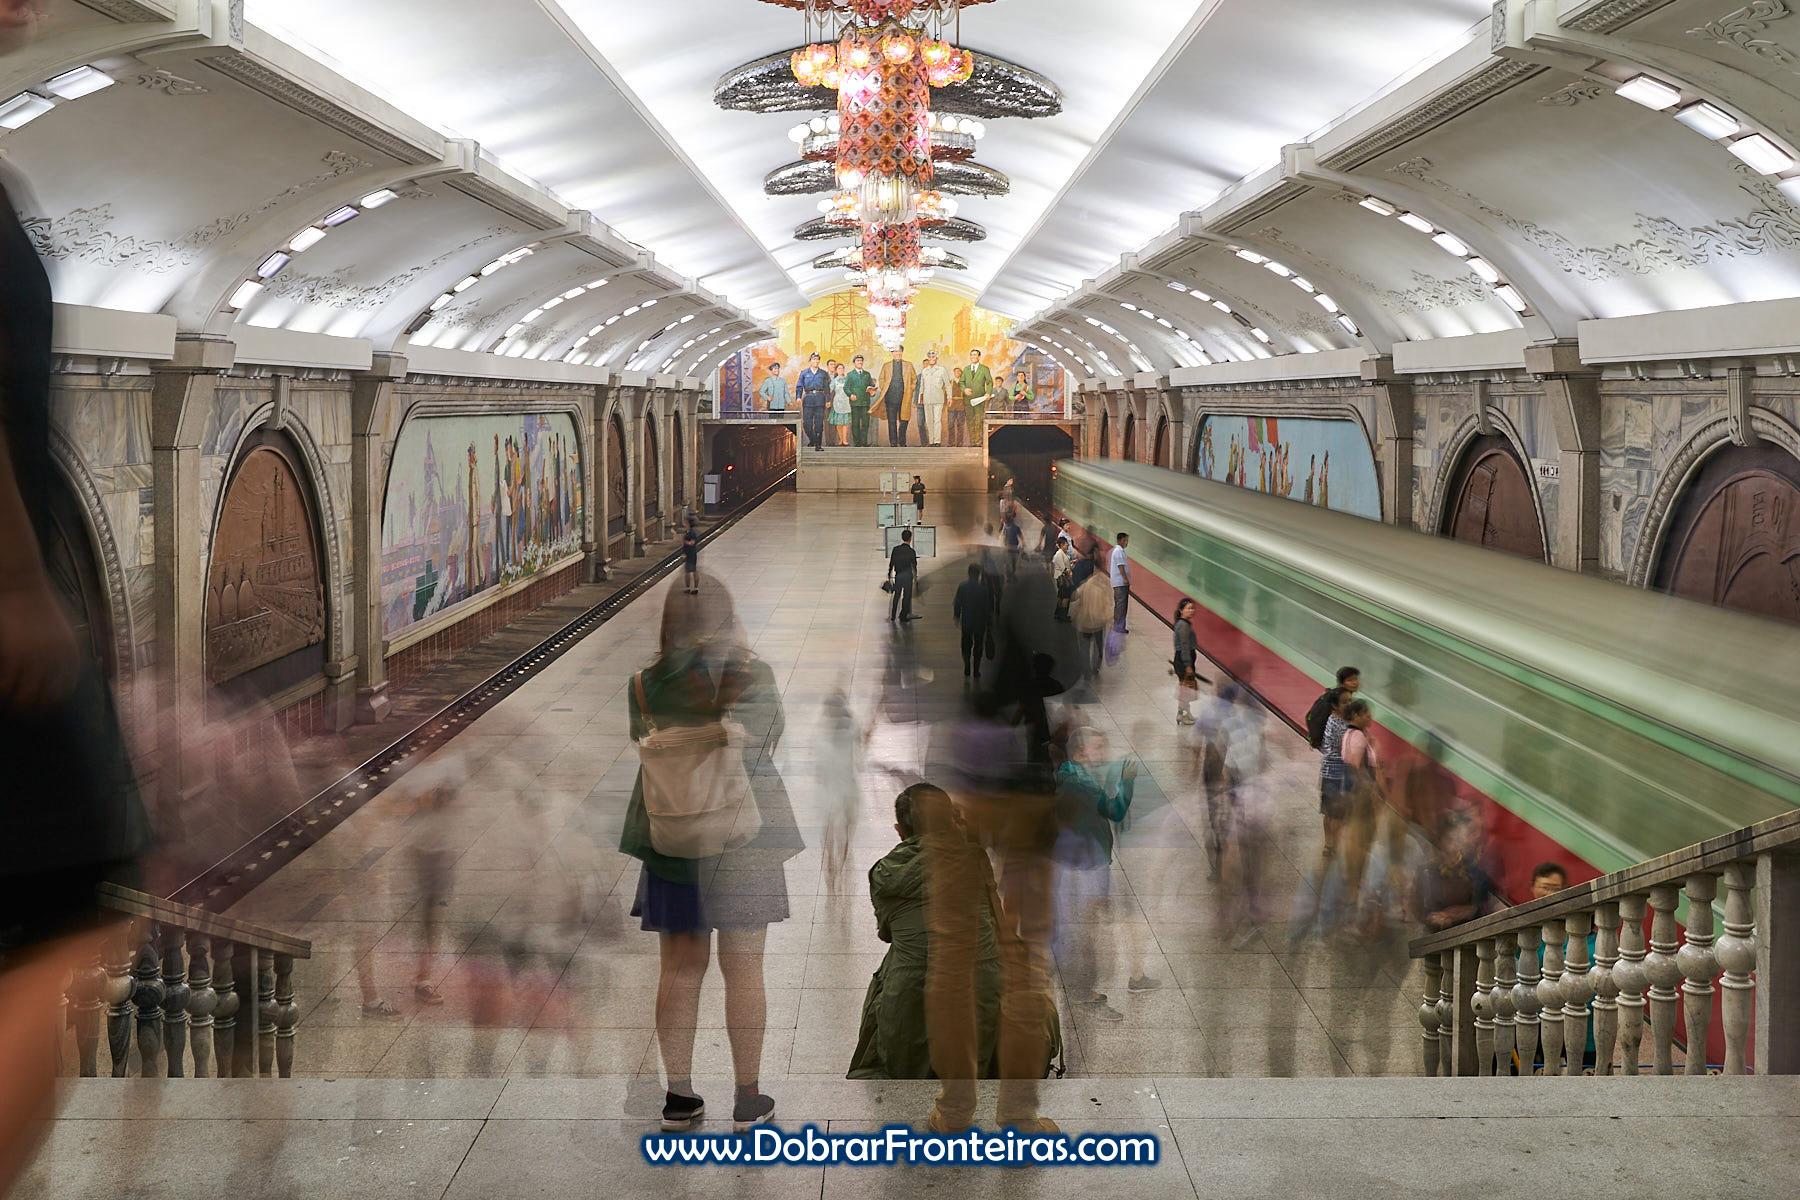 Estação de metro de Pyongyang longa exposição